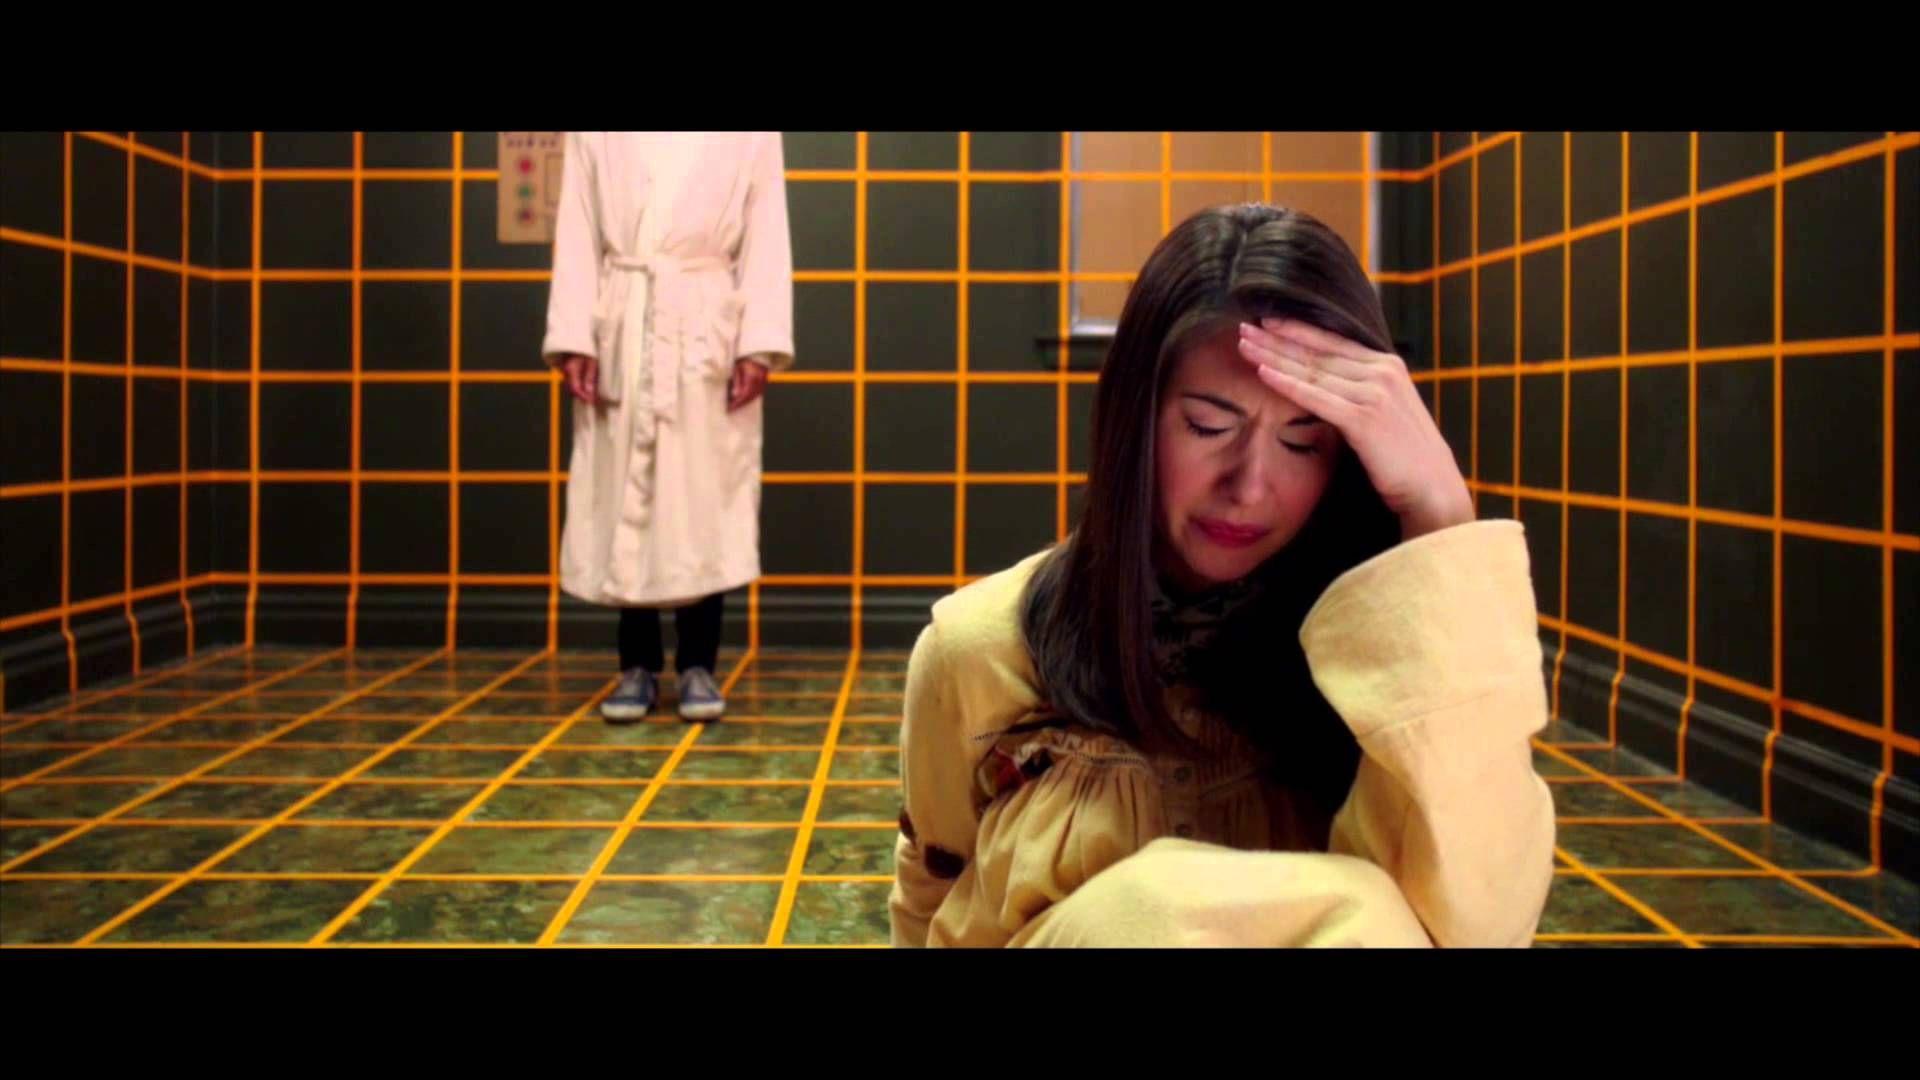 The Dreamatorium Trailer SixSeasonsandaMovie